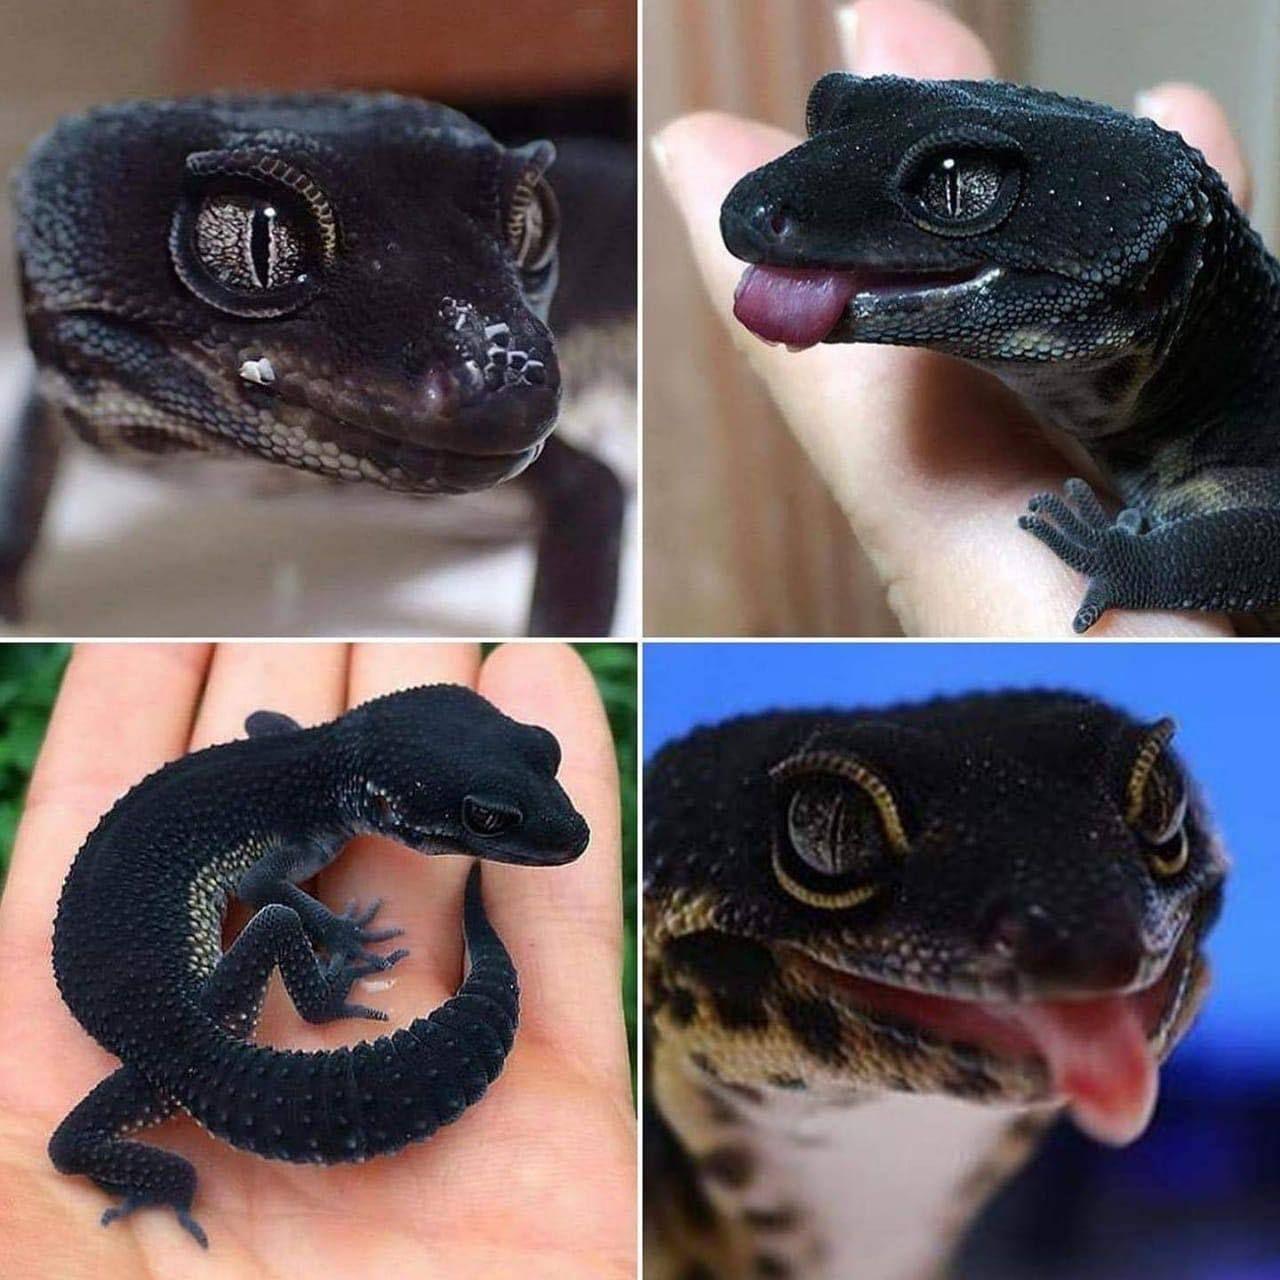 A black night leopard gecko. in 2020 | Cute reptiles, Cute lizard ...